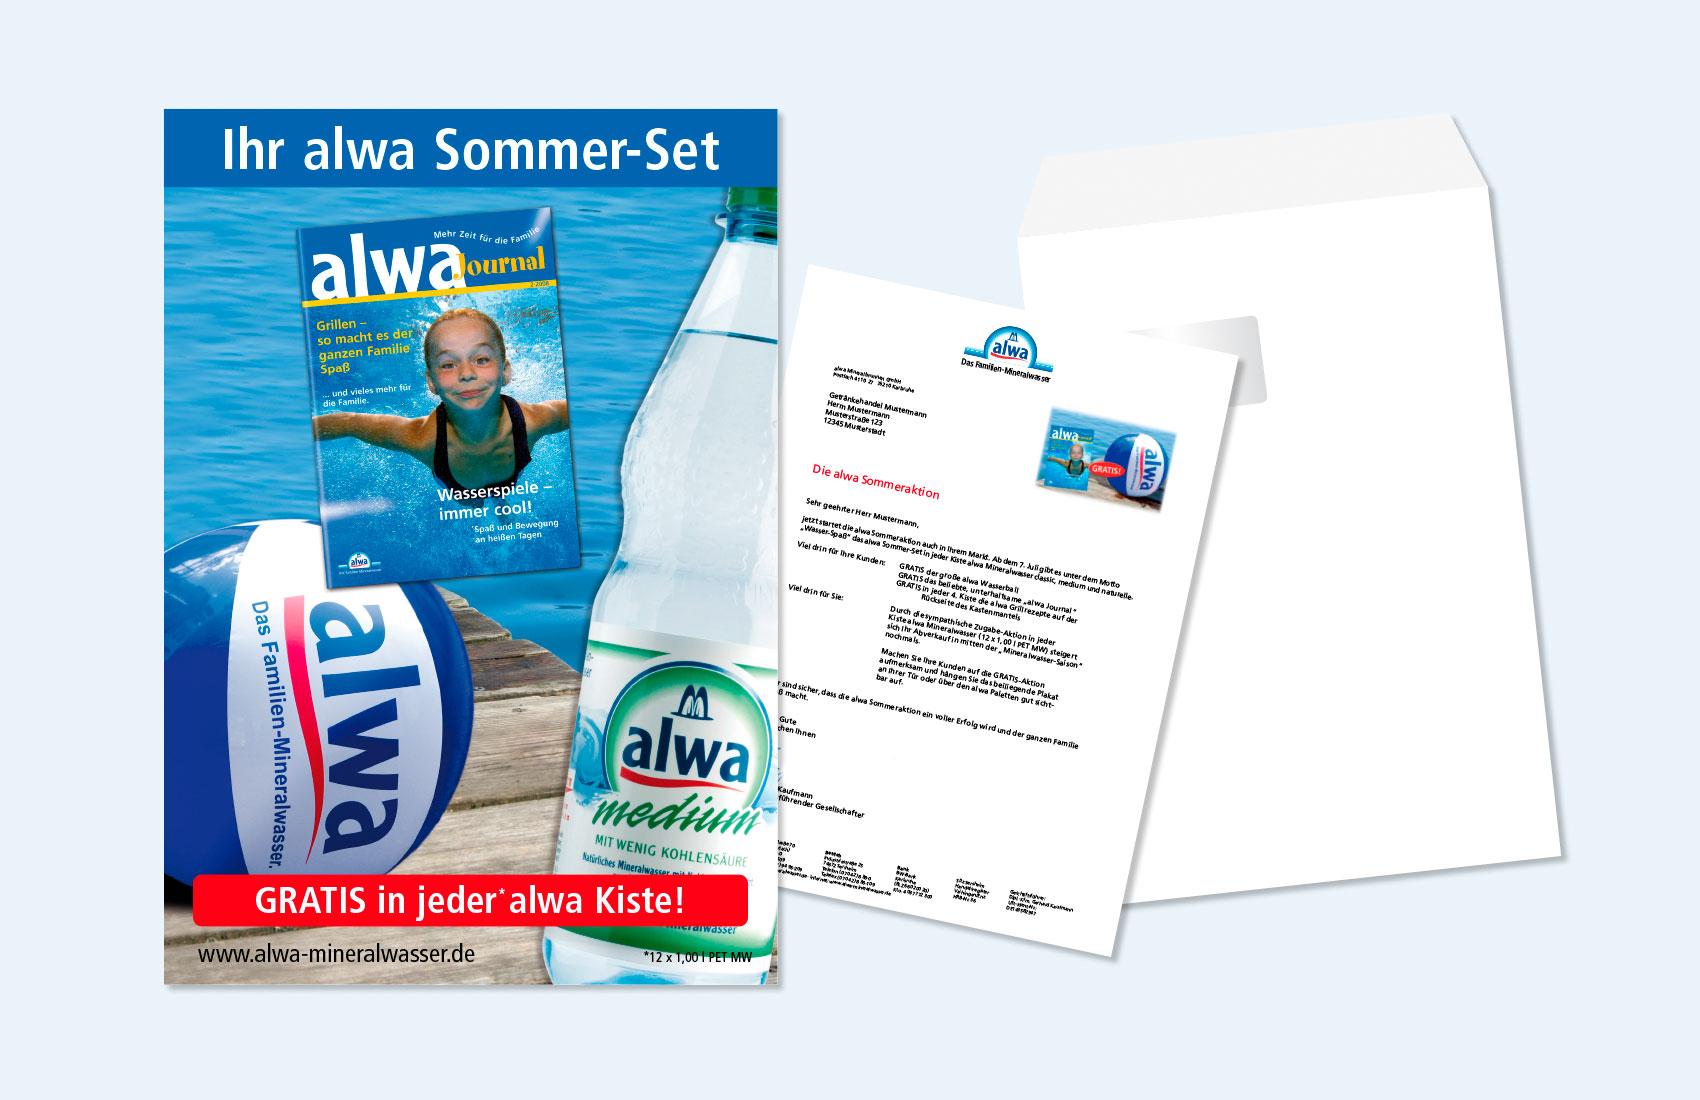 Ein Mailing an die Getränkefachhändler informierte über die Sommeraktion von alwa Mineralwasser: als Gratis-Beilage in den Getränkekästen gab es das Familienjournal und einen Strandball.